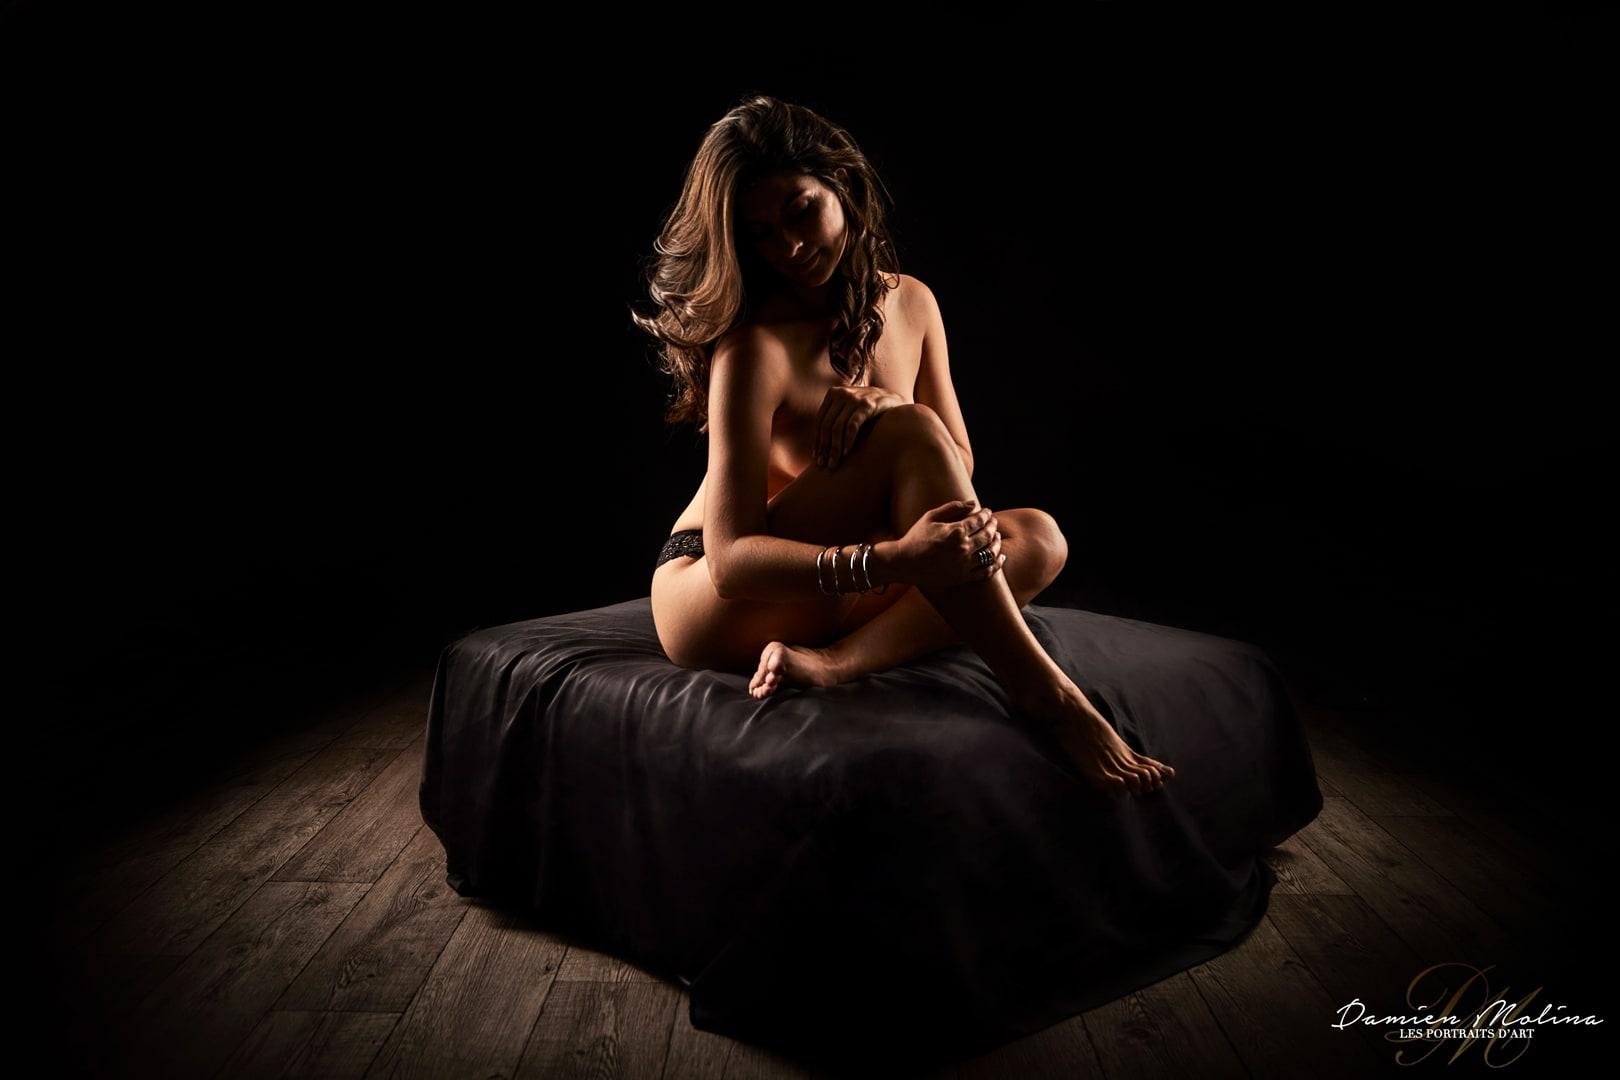 Photographe-strasbourg-boudoir-lingerie-molina-22